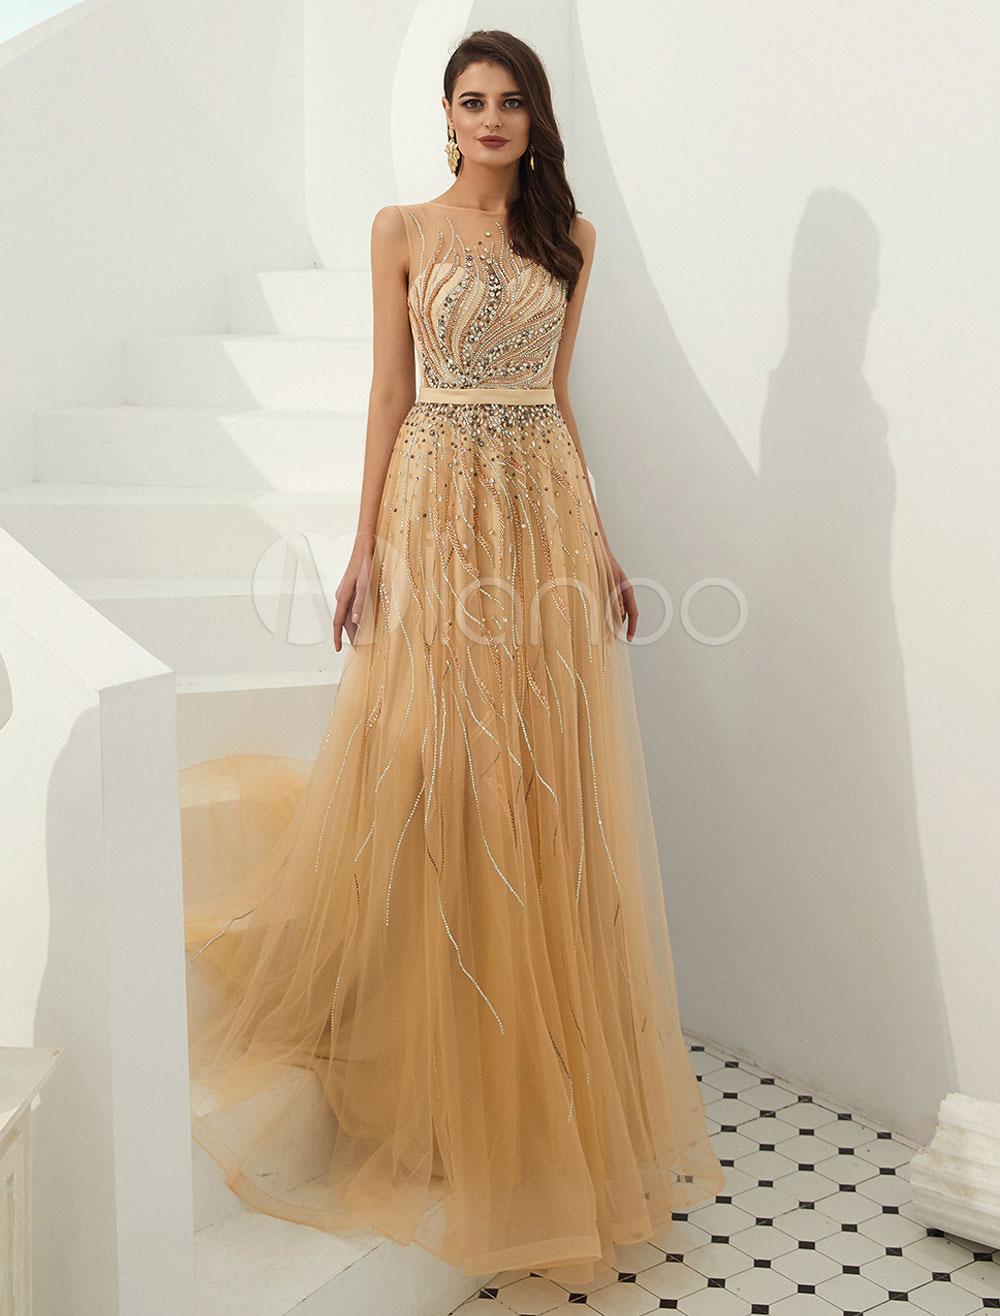 save off 80479 3af32 Abiti da sera oro chiaro Tulle Sash Perline Luxury Maxi abito da sera  formale